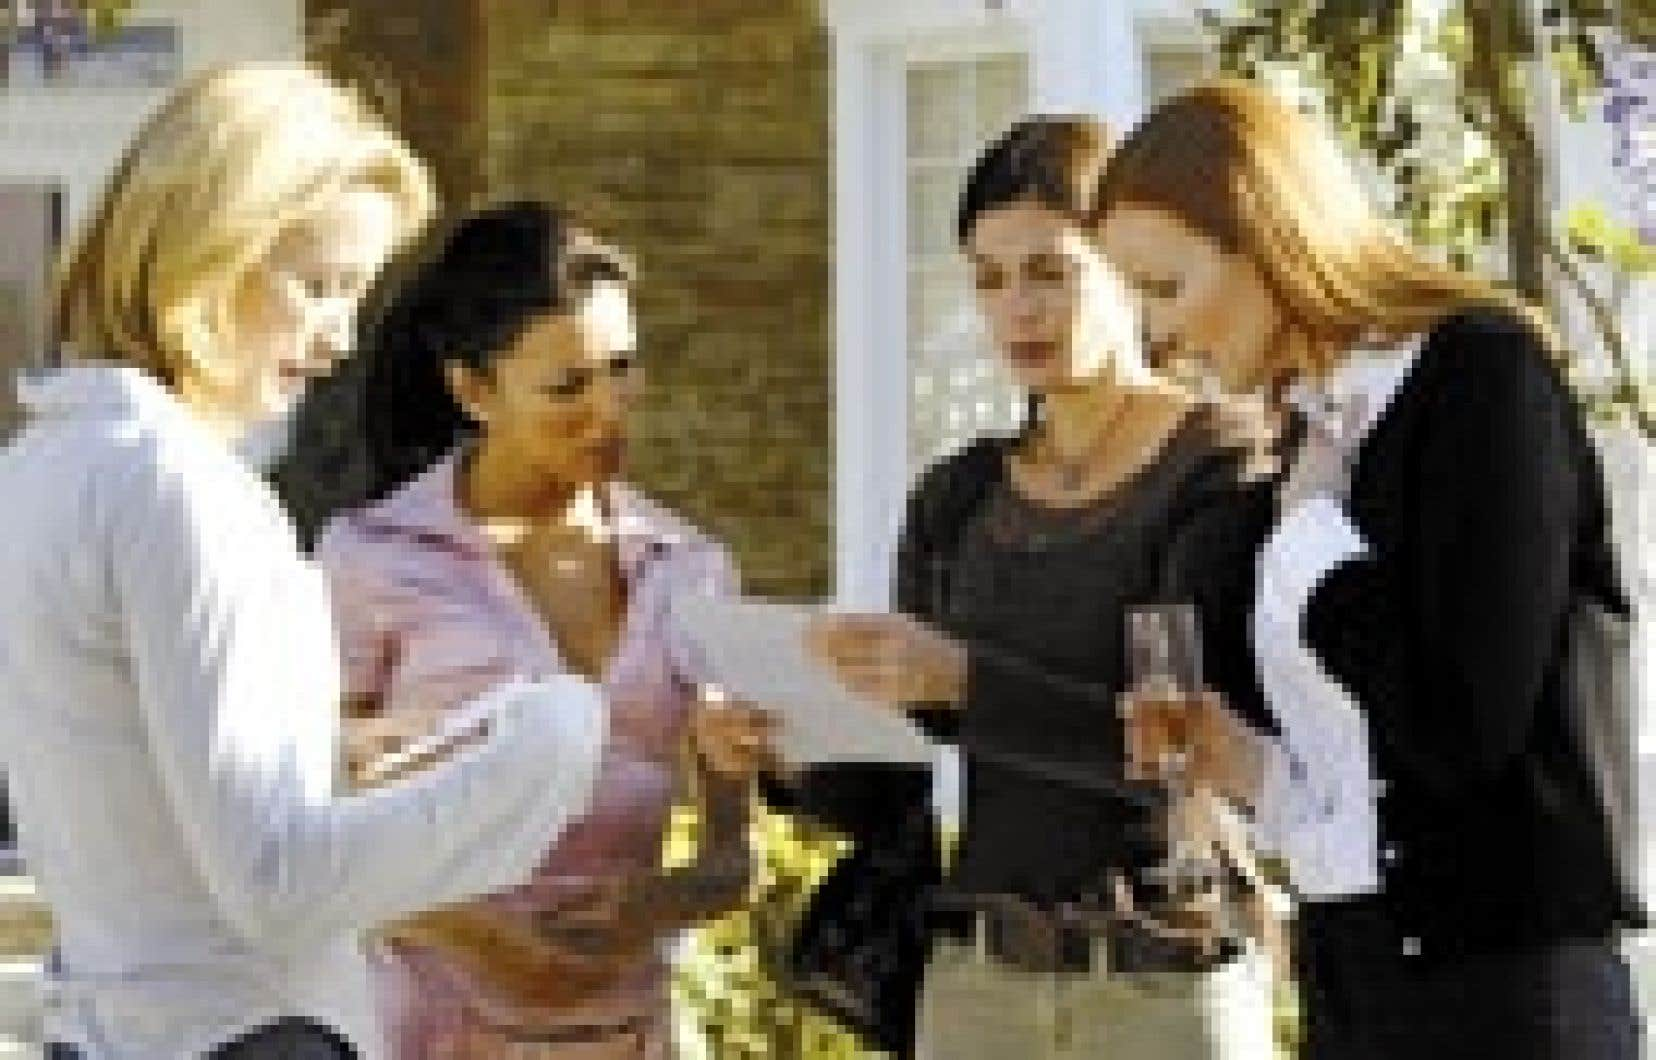 Source: Radio-Canada Les beautés désespérées de la télésérie américaine Desperate Housewives ont une solide matante intérieure qui se dissimule derrière un physique trompeur.